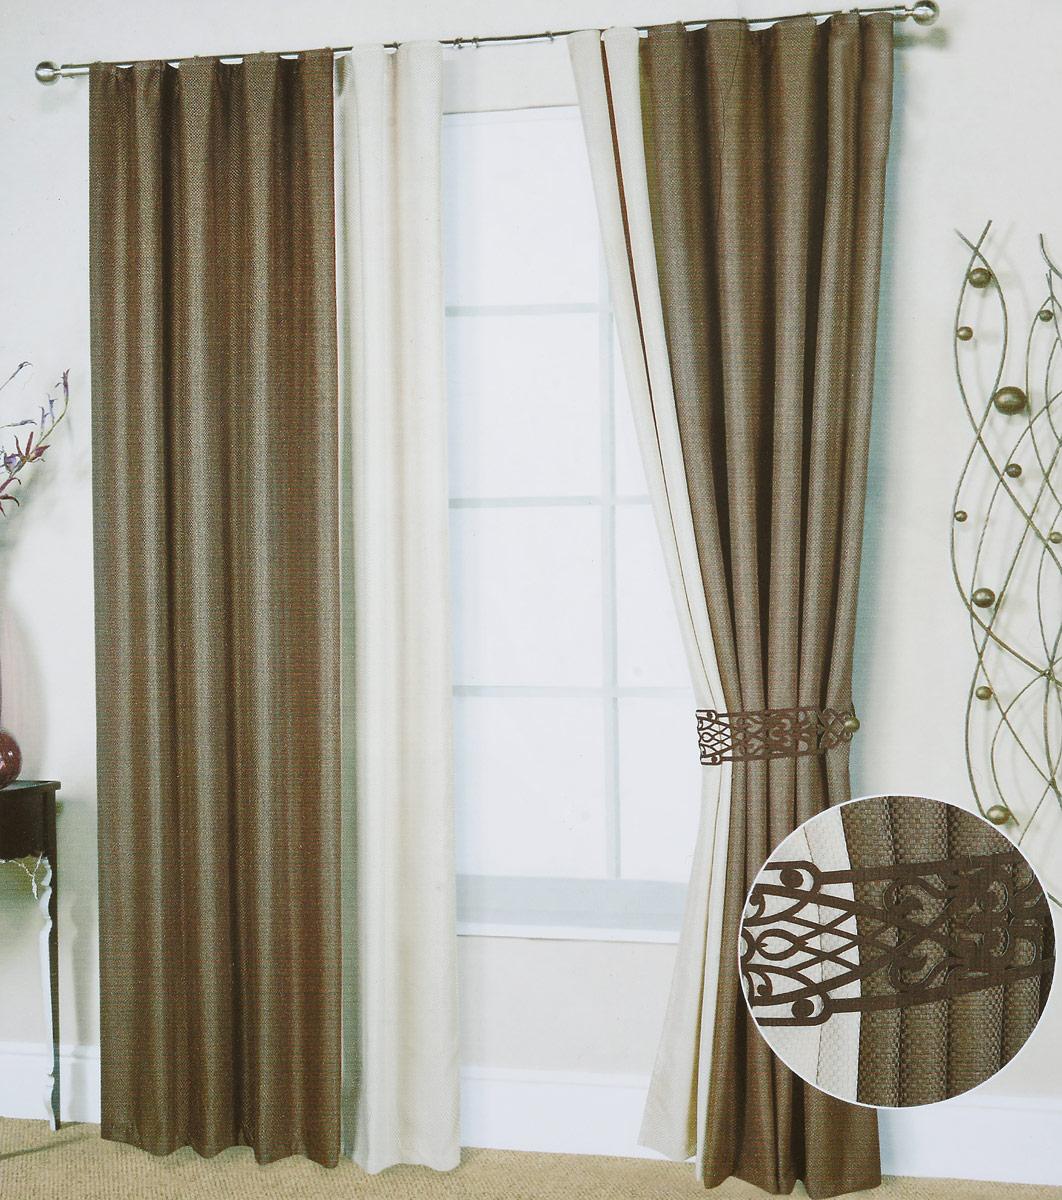 Комплект штор Кашарель, на ленте, цвет: светло-коричневый, кремовый, высота 270 см84326_светло-коричневый, кремовый